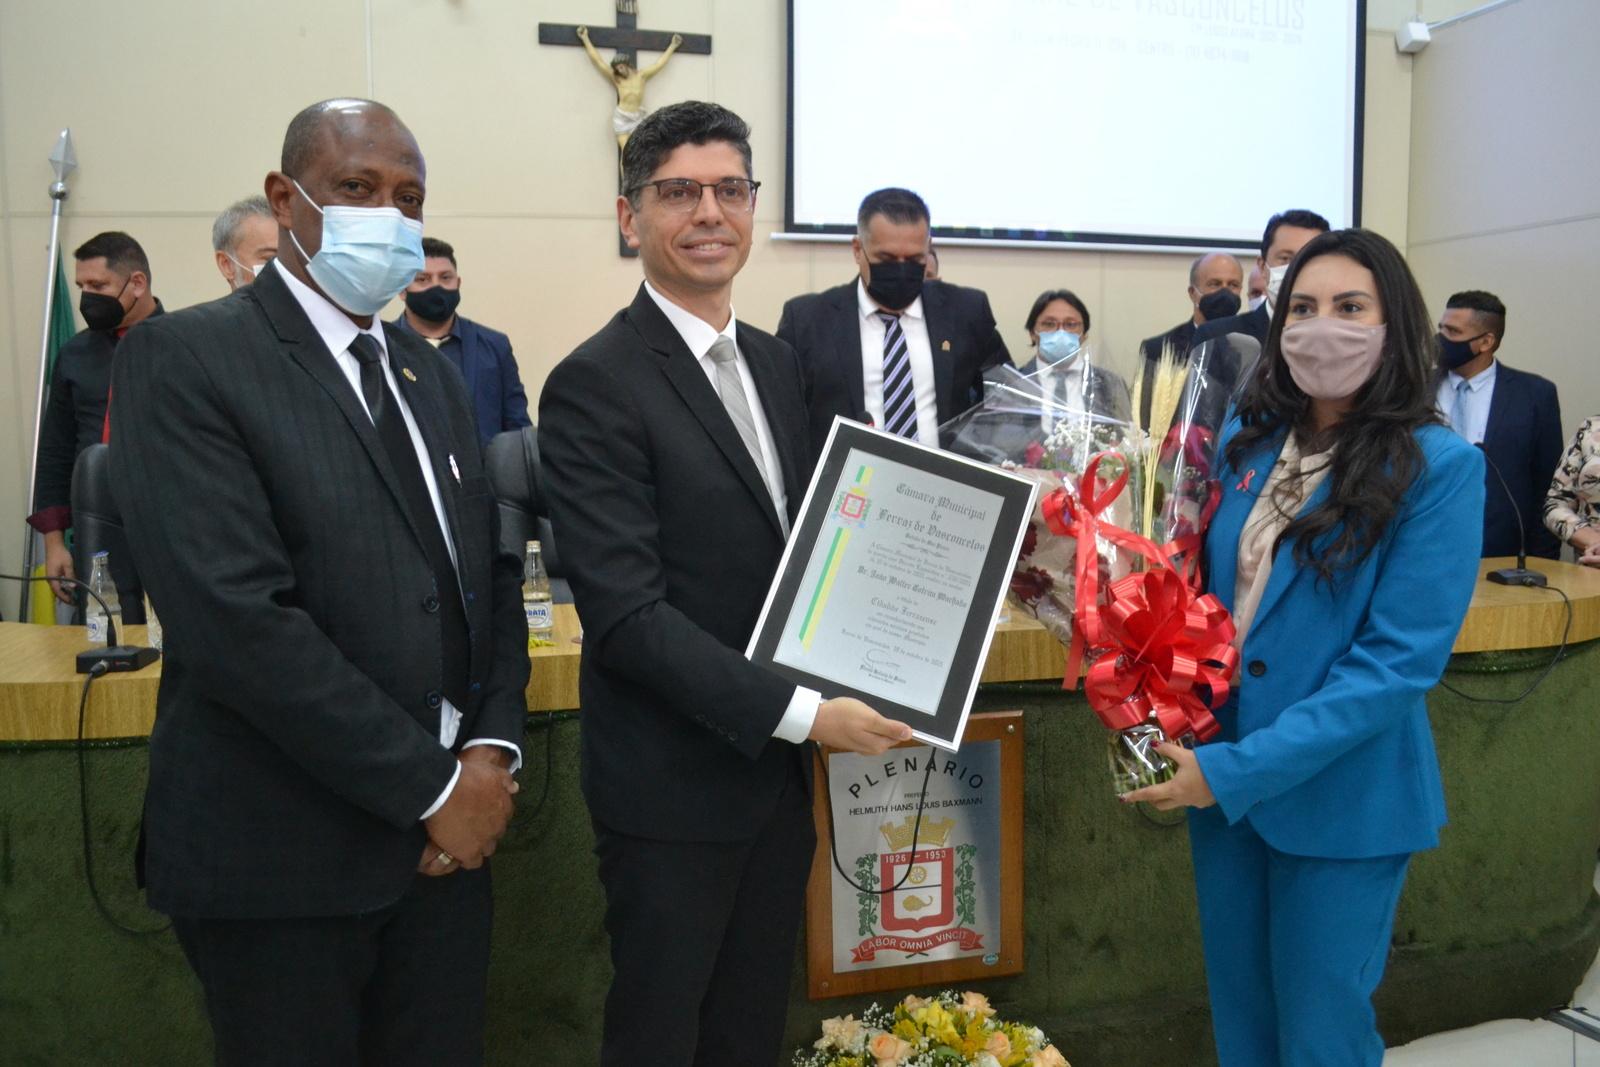 Por sugestão de Tonho, Câmara concede o título de cidadão ao Dr. João Walter Cotrim Machado